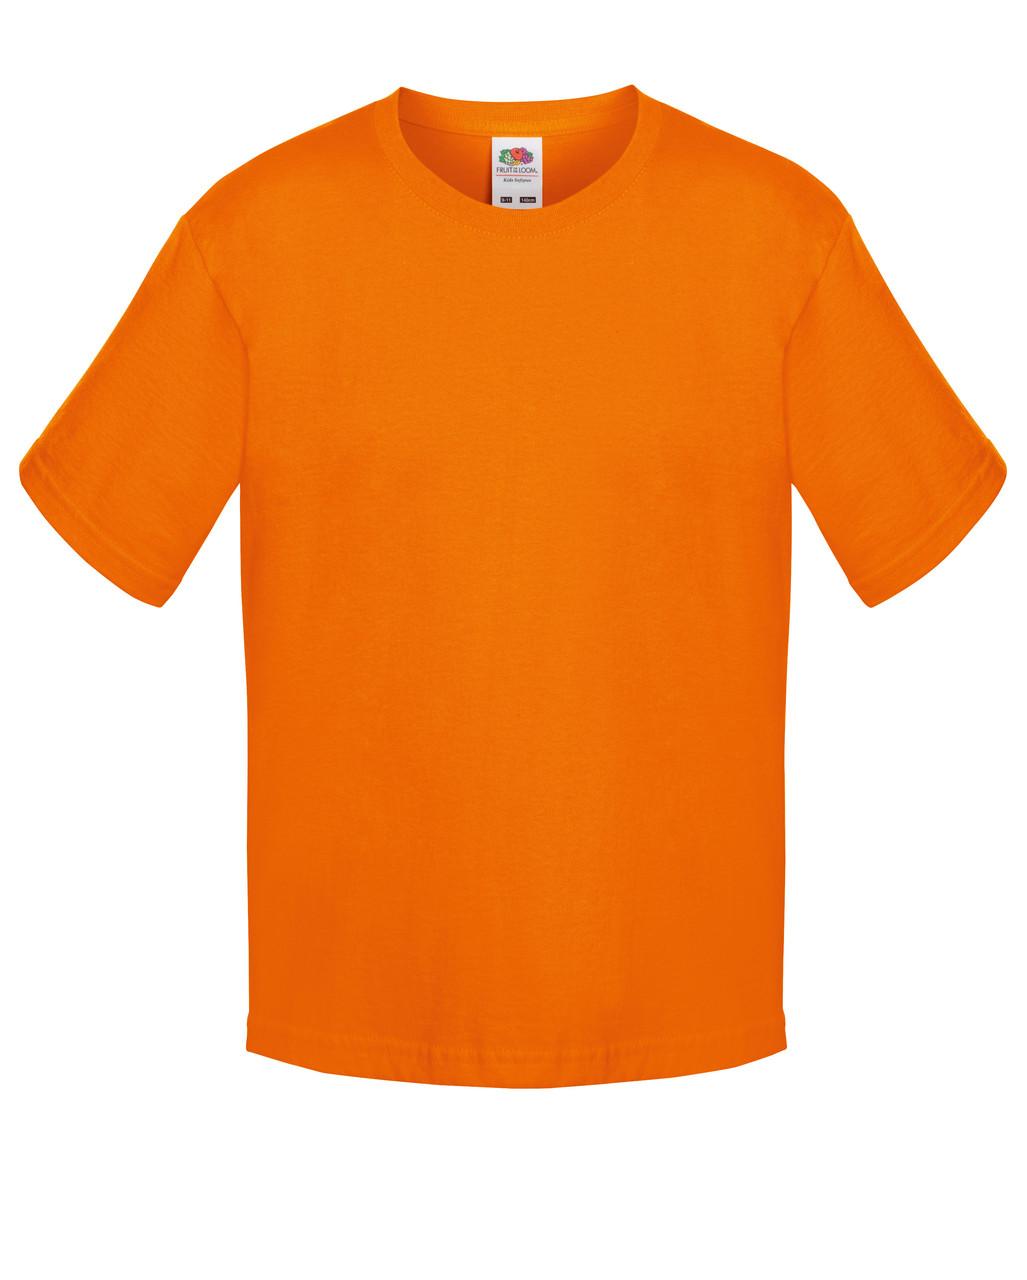 Детская футболка Мягкая для Мальчиков Оранжевая Fruit of the loom 61-015-44 9-11